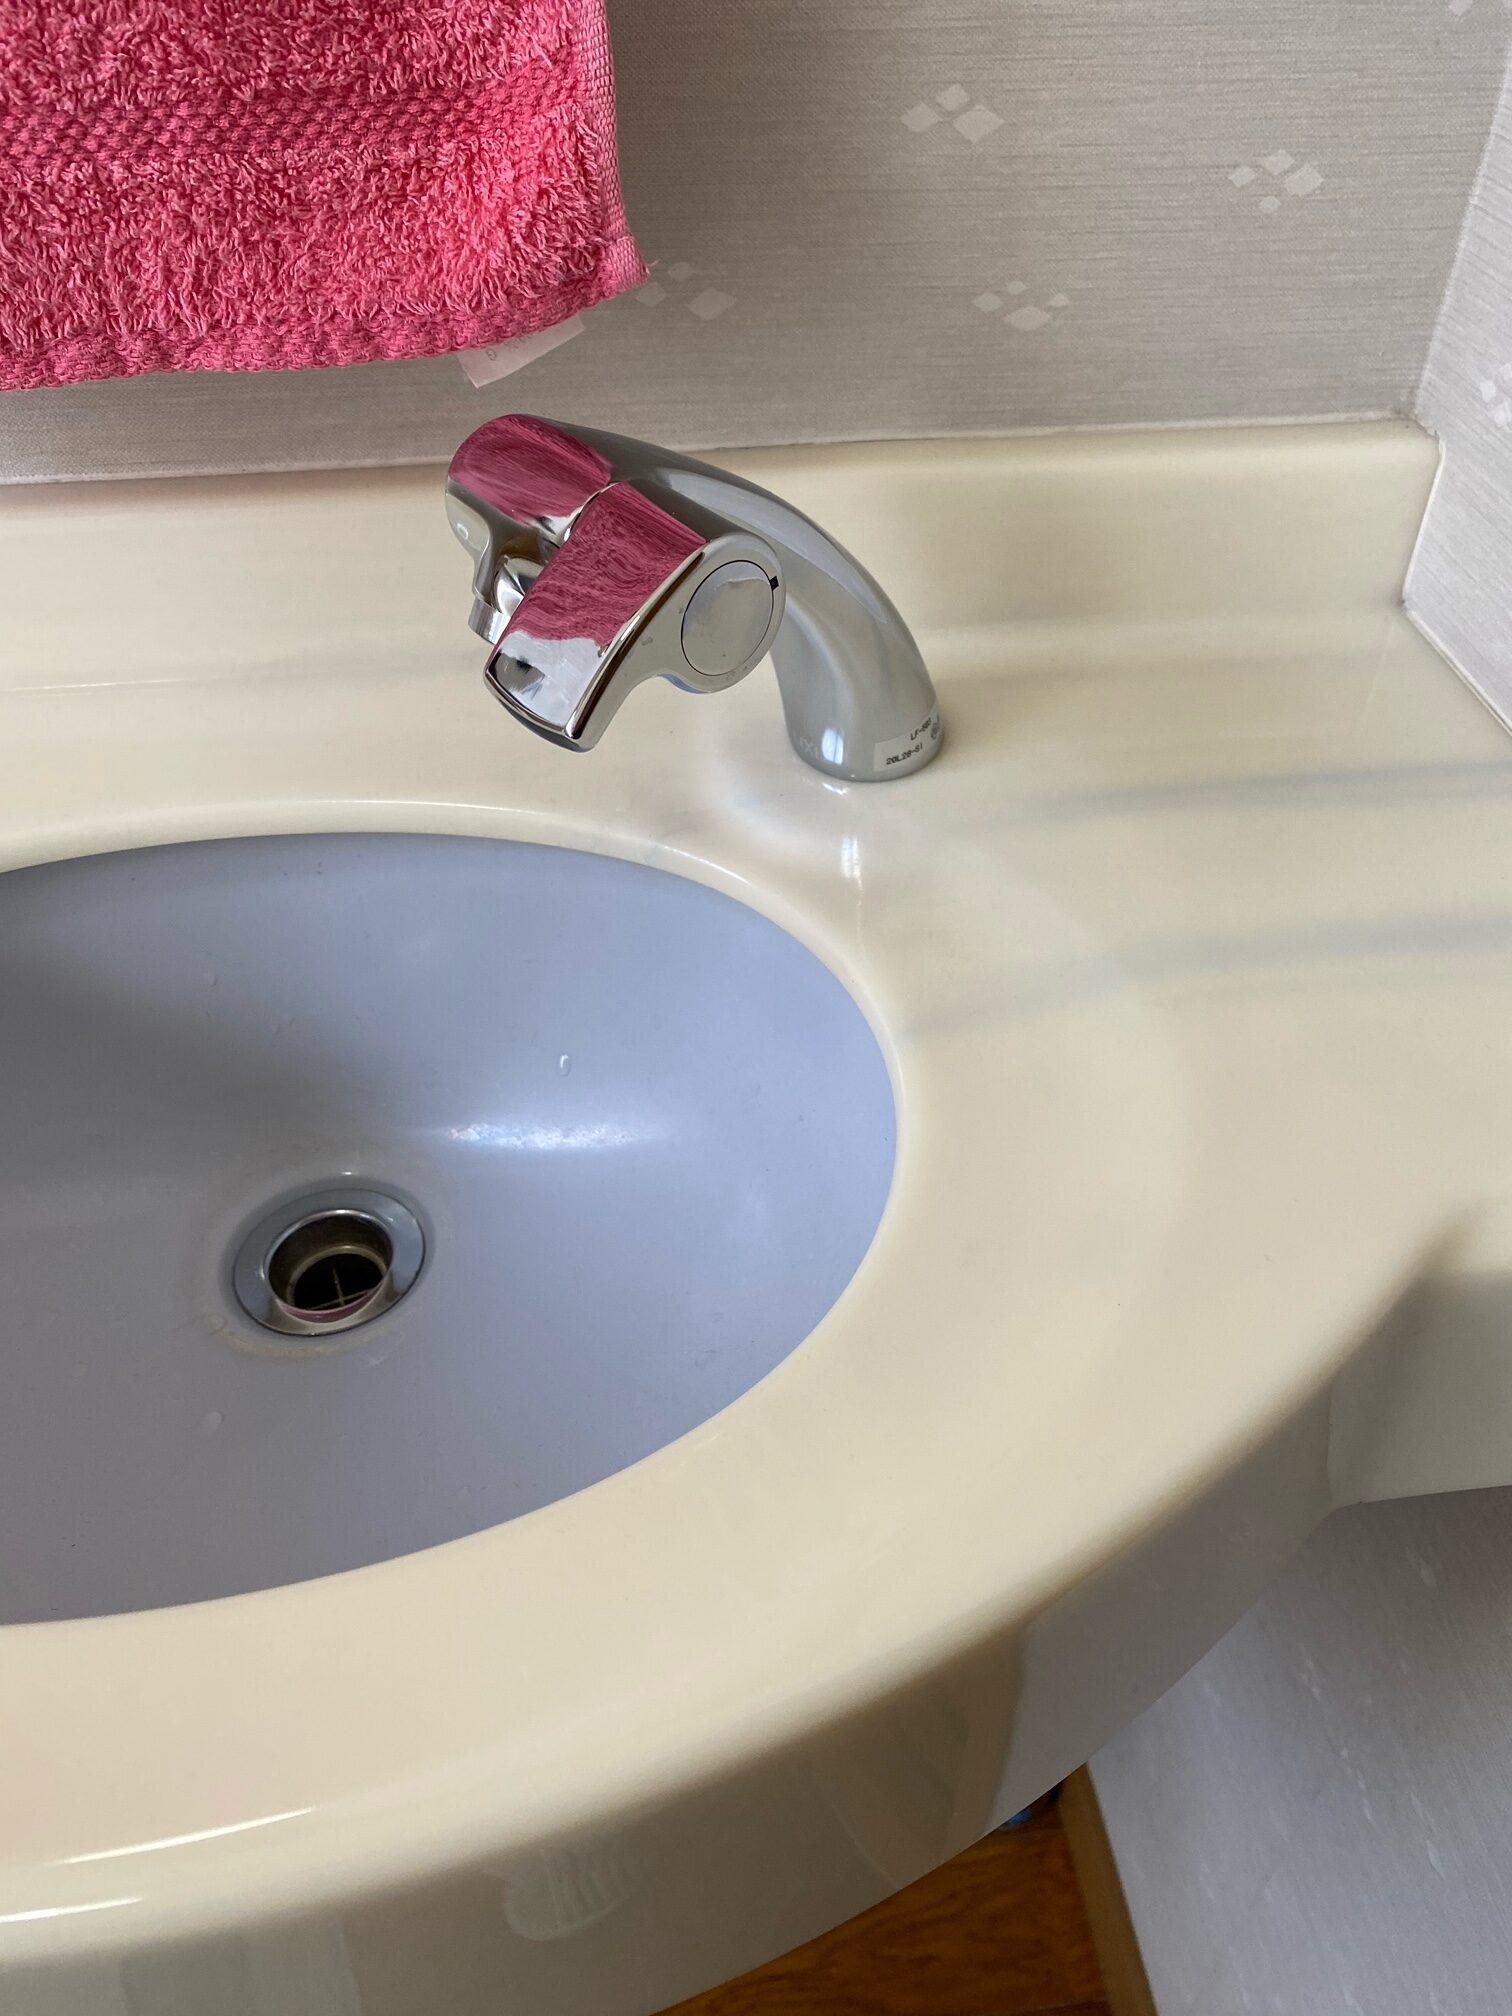 東大和市 Y様邸トイレ手洗器水栓リフォーム